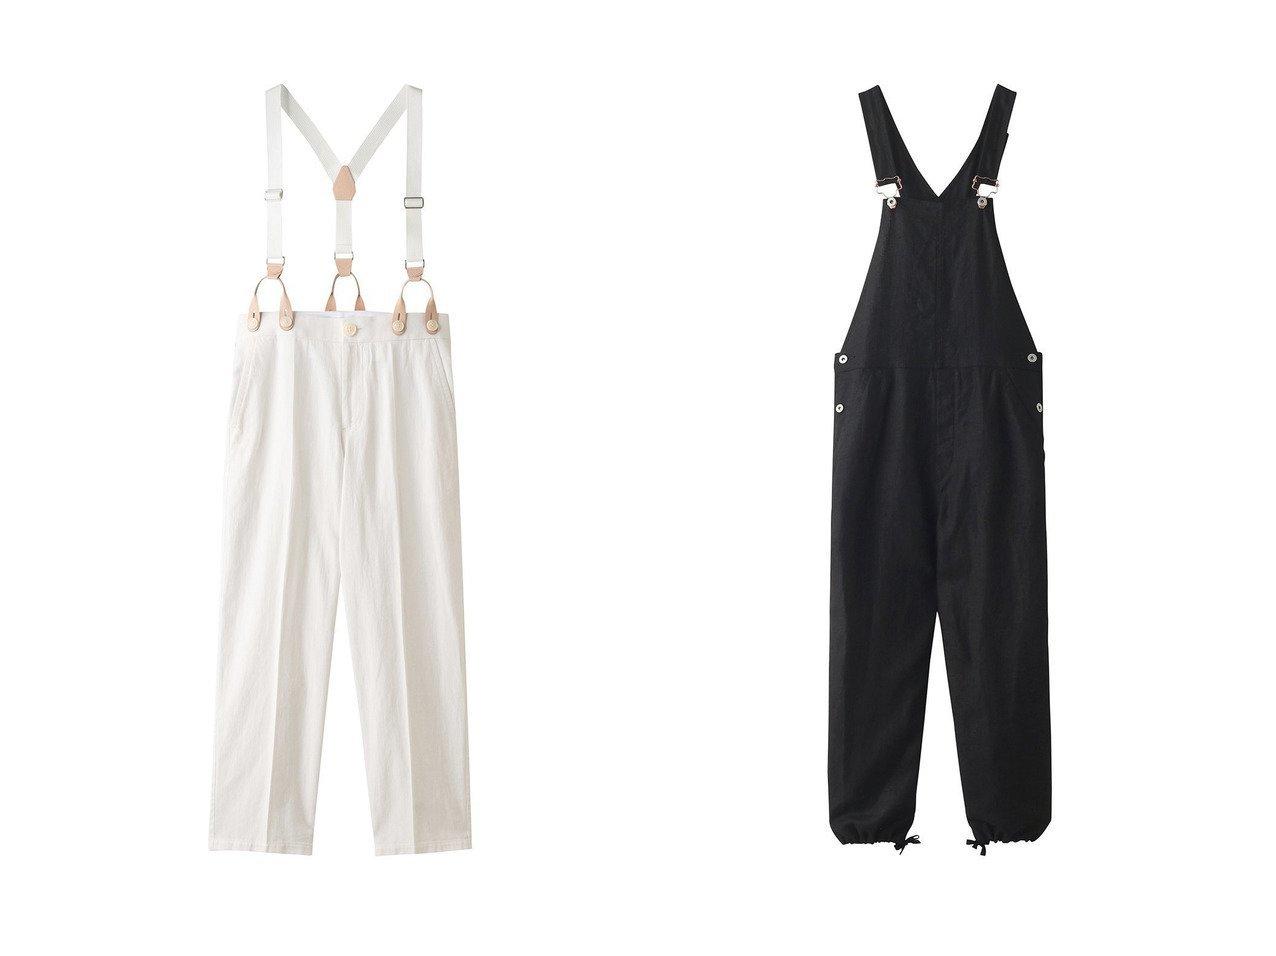 【nagonstans/ナゴンスタンス】のLiツイル サスペンダートラウザー・パンツ&LINEN Overall オーバーオール 【パンツ】おすすめ!人気、トレンド・レディースファッションの通販 おすすめで人気の流行・トレンド、ファッションの通販商品 インテリア・家具・メンズファッション・キッズファッション・レディースファッション・服の通販 founy(ファニー) https://founy.com/ ファッション Fashion レディースファッション WOMEN パンツ Pants サスペンダー センター ツイル リネン 再入荷 Restock/Back in Stock/Re Arrival  ID:crp329100000049687